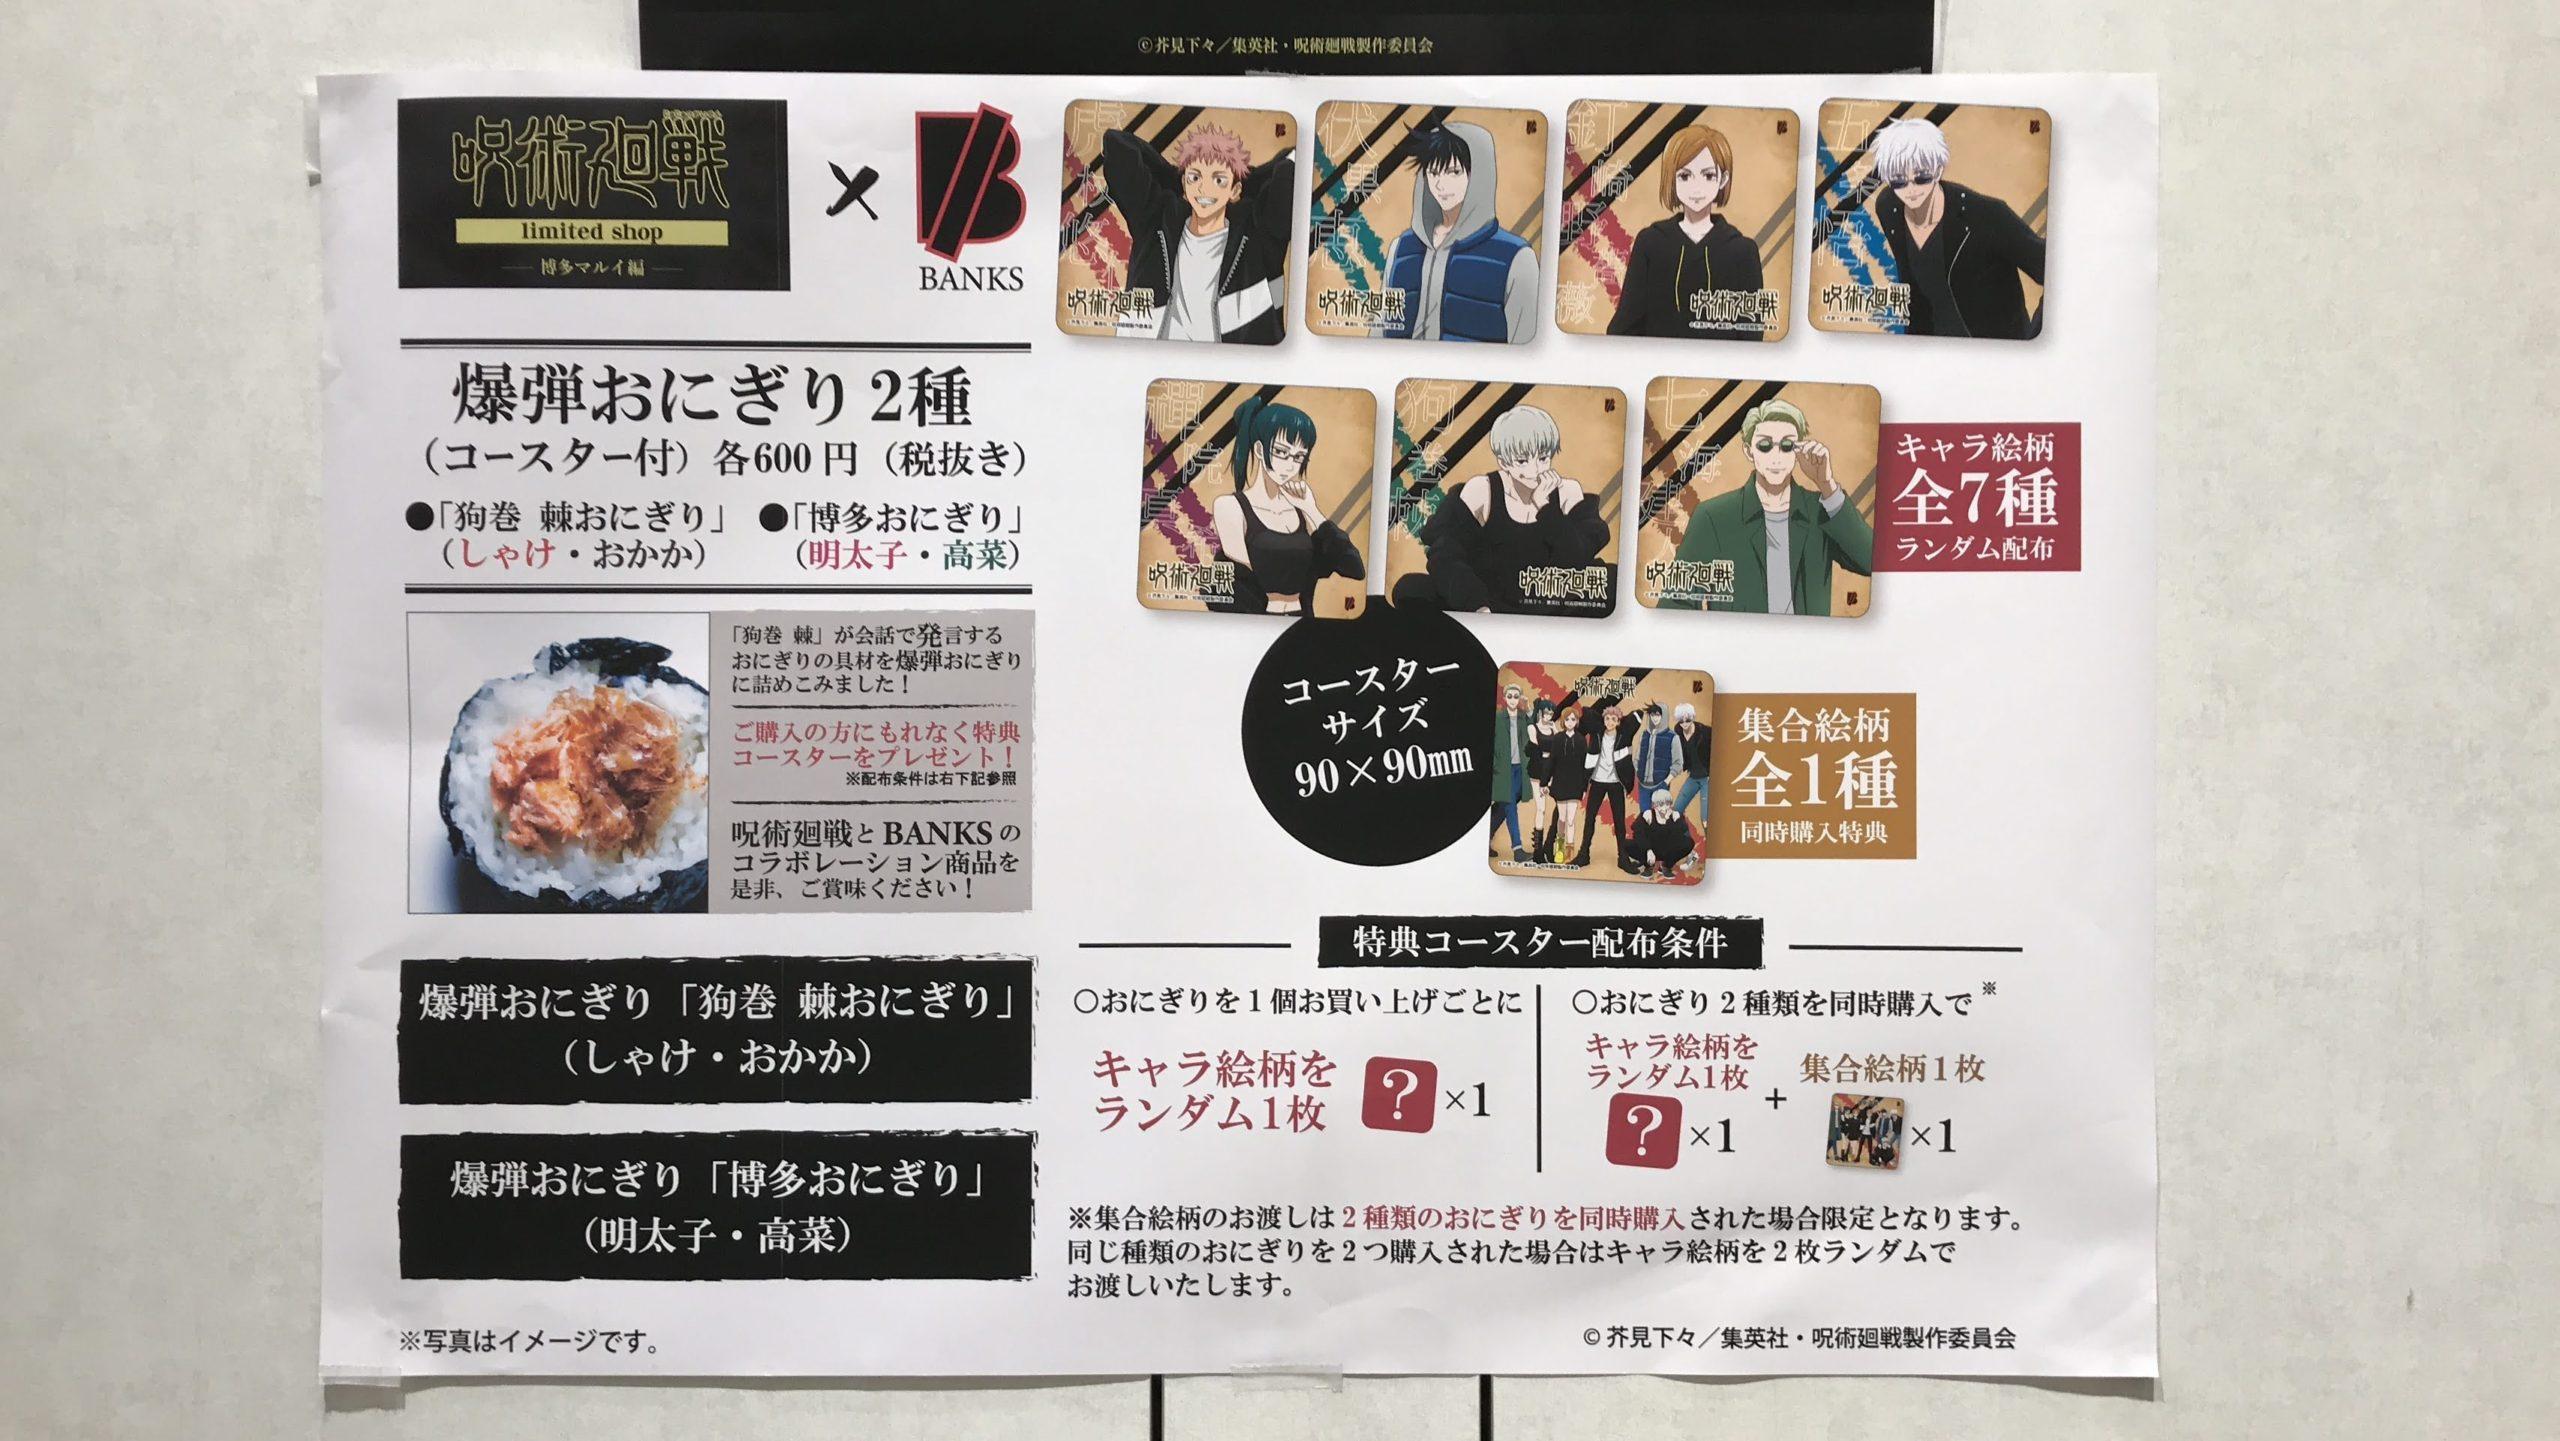 2020年12月18日(金)から2021年1月11日(月)まで、福岡市の博多マルイ5Fイベントスペースで「呪術廻戦 limited shop -博多マルイ編-」の期間限定イベントが展開されます。イラスト展示やグッズコーナーがあるほか、お買い上げ抽選会が行われます。